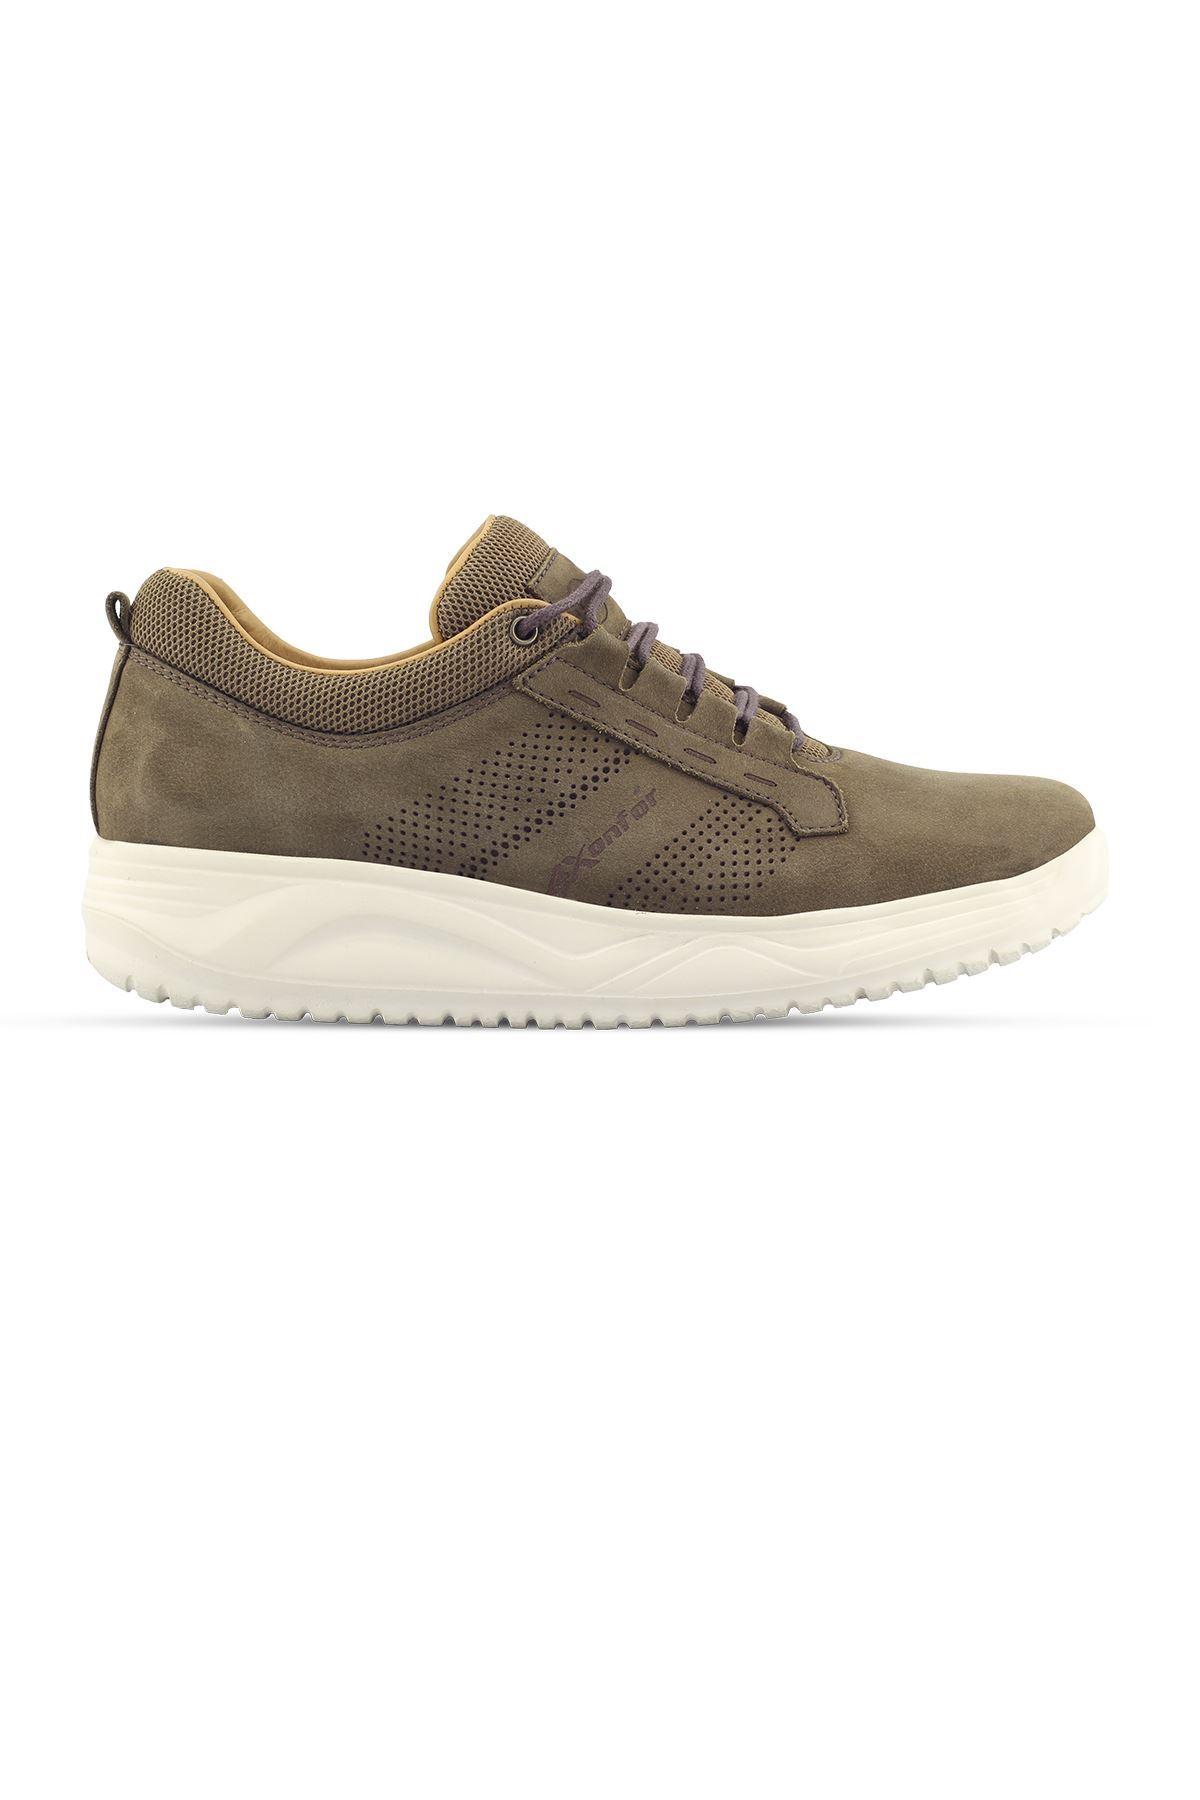 1875 Nubuk Haki Erkek Yürüyüş Ayakkabısı